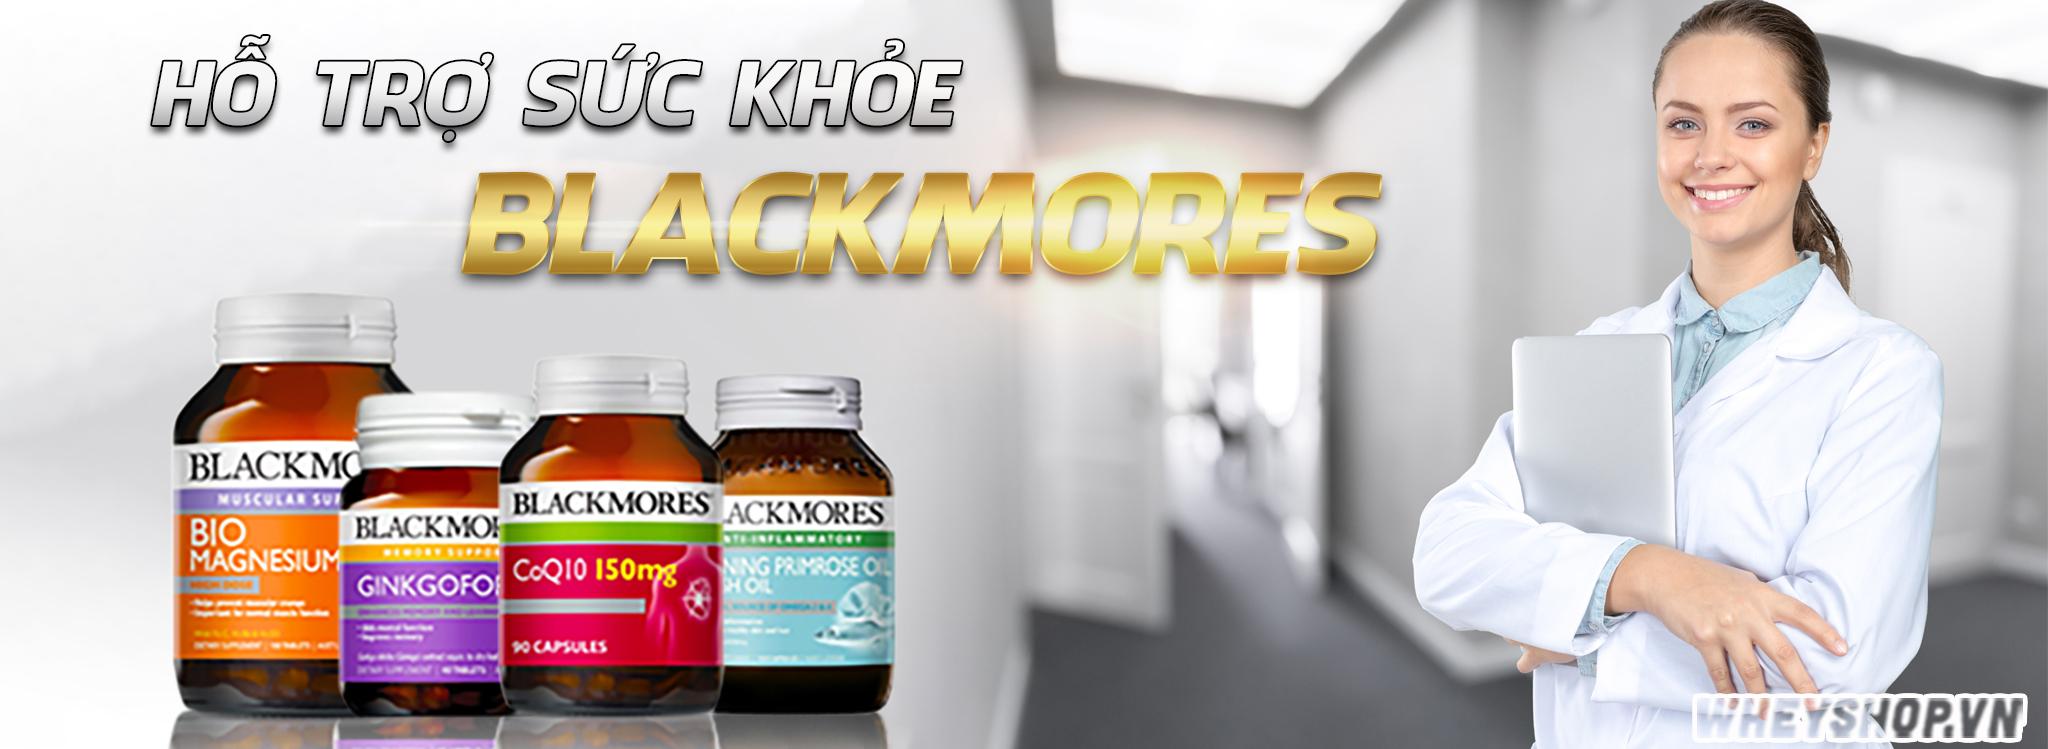 Thực phẩm chức năng Blackmores , chúng tôi cung cấp những sản phẩm thuốc blackmores, vitamin, khoáng chất chăm sóc sức khỏe của bạn, mang tới những lợi ích tốt nhất, đảm bảo an toàn sử dụng, 100% nguồn gốc tự nhiên